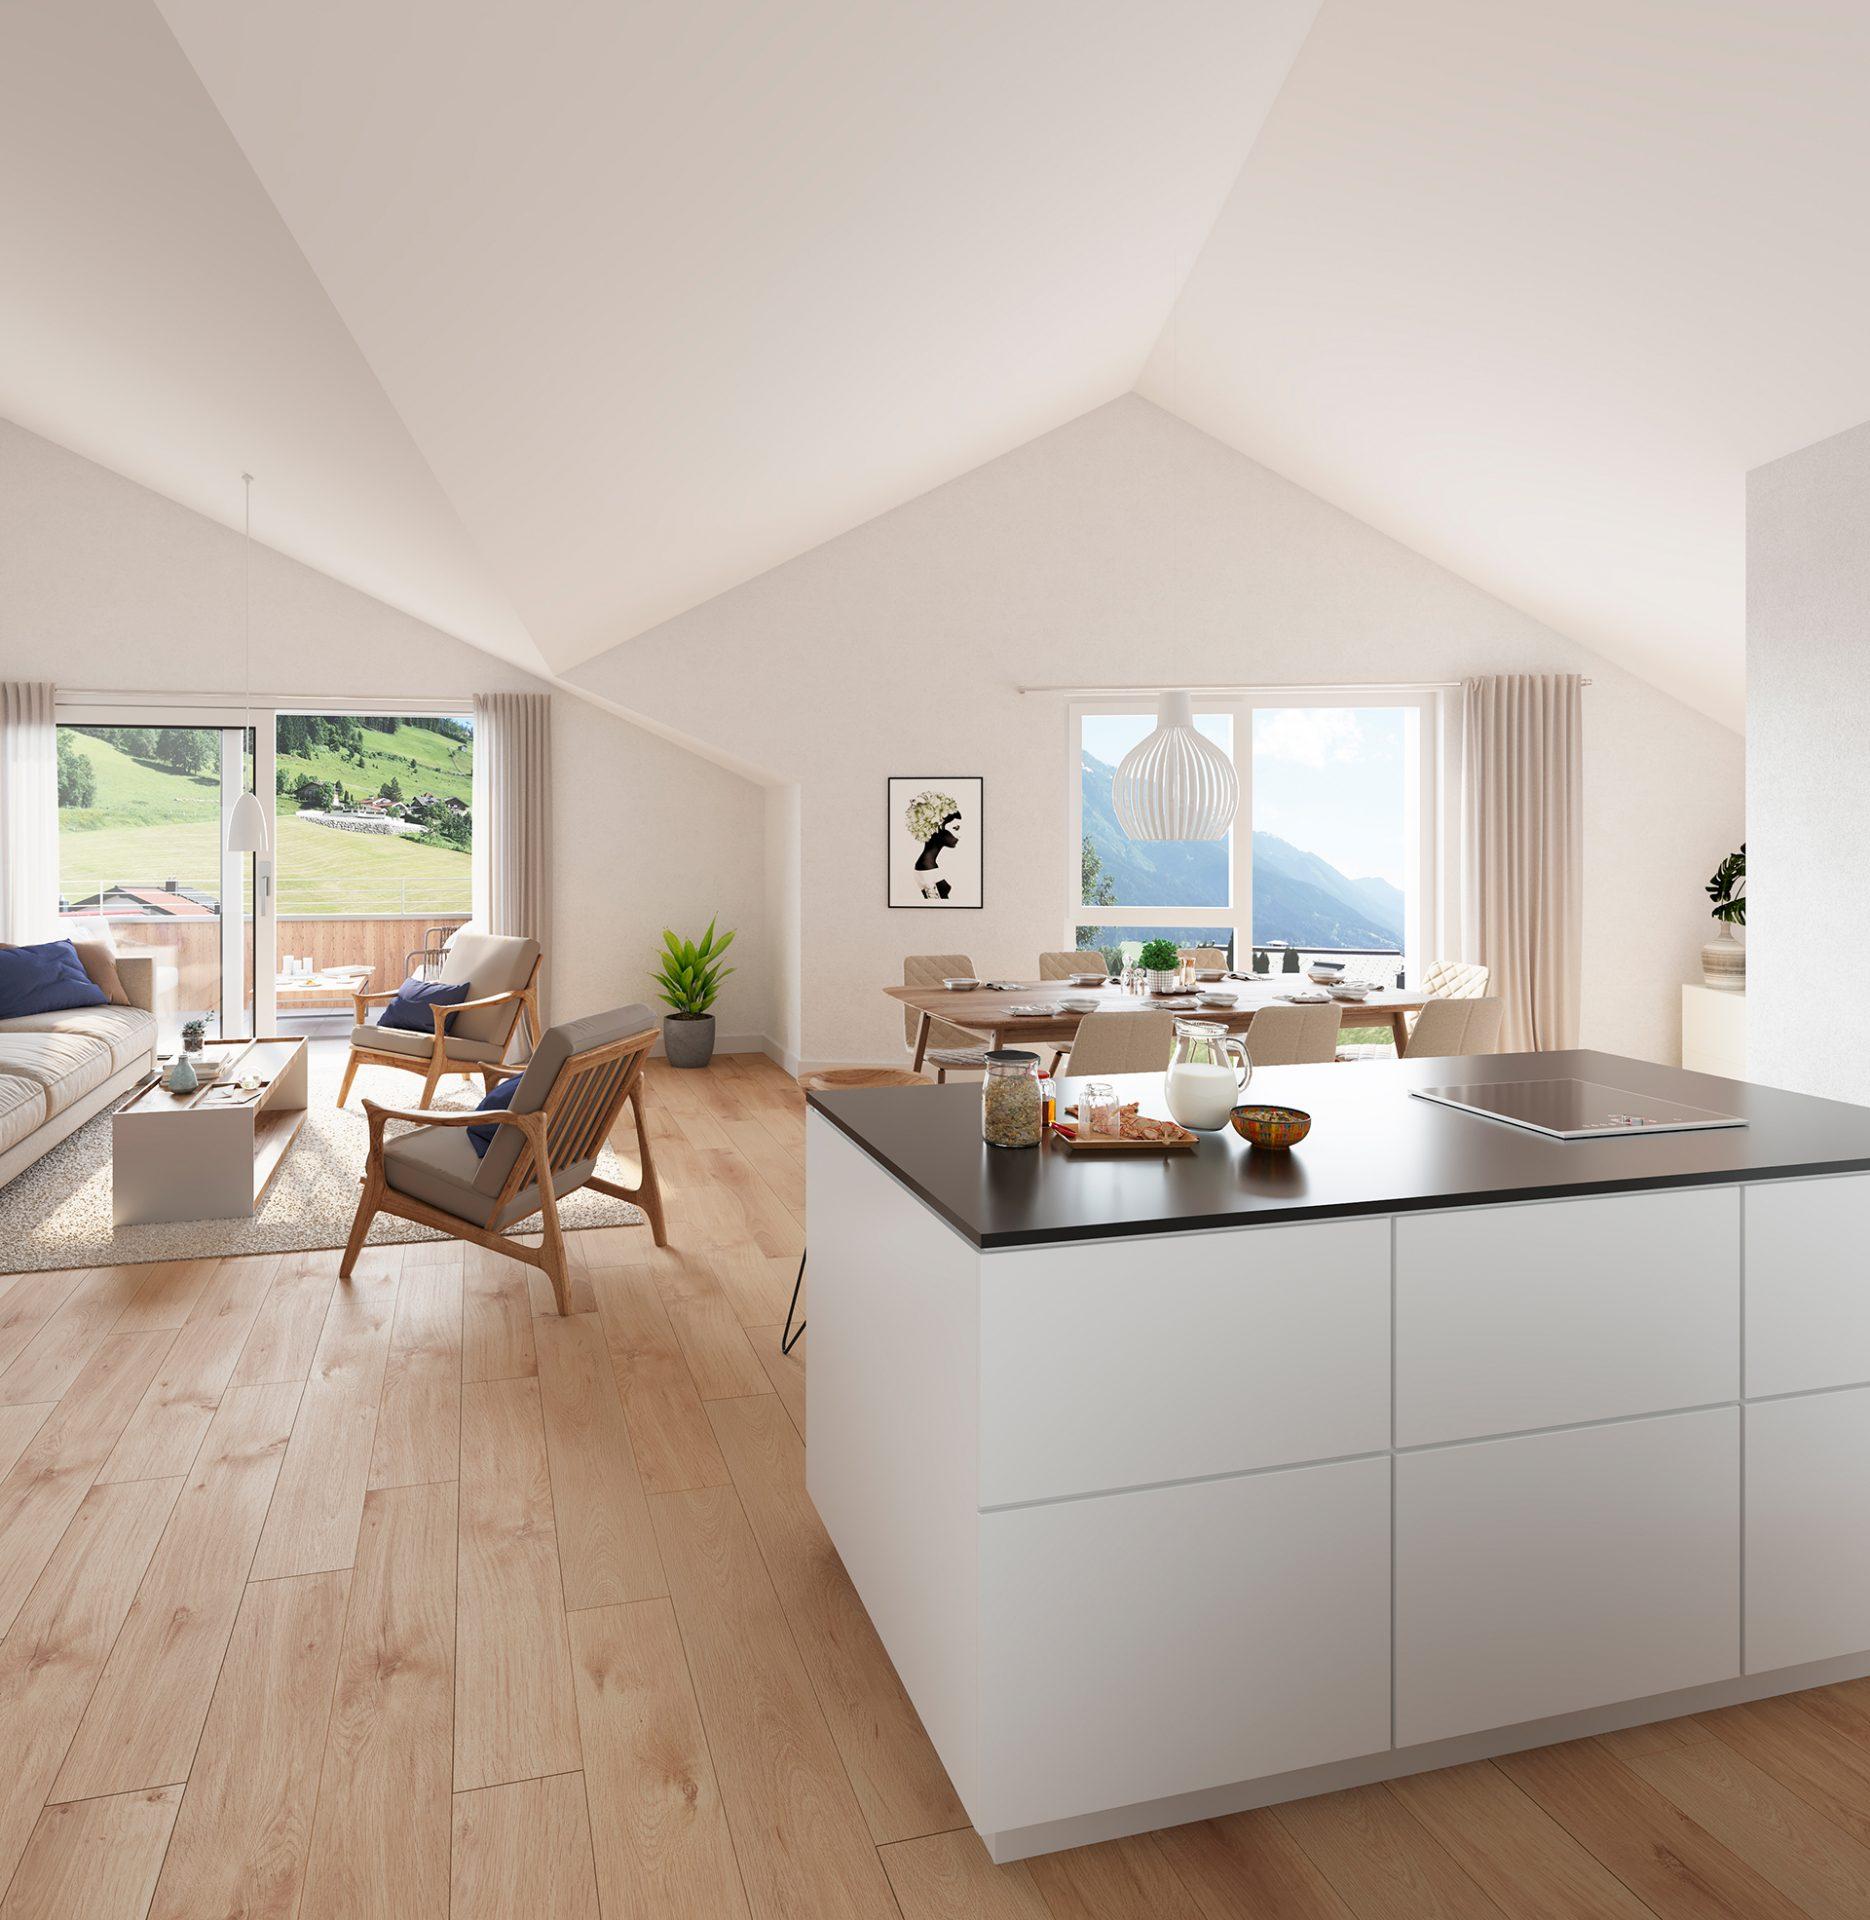 Blaupause-2020-Alpendorf-Innenraum-Rendering